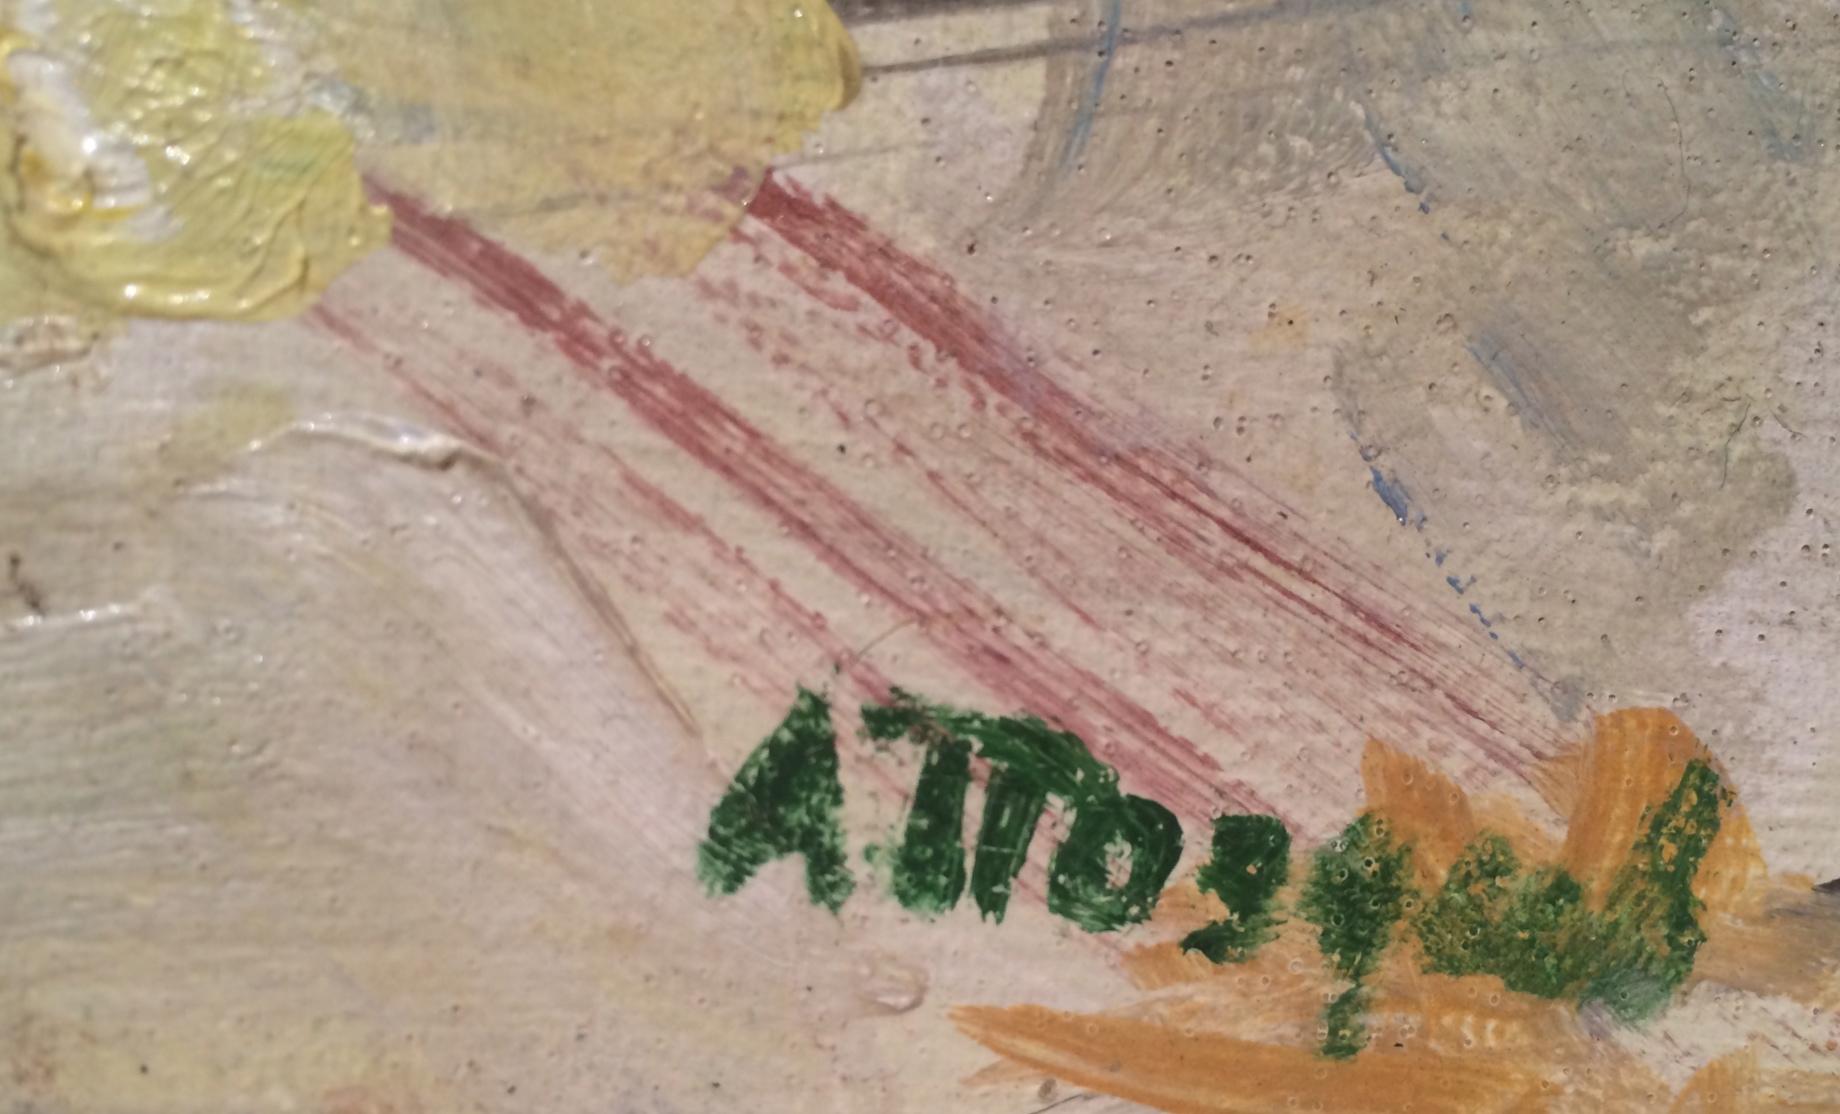 Подпись. Поздеев Андрей Геннадьевич. Сон трава.